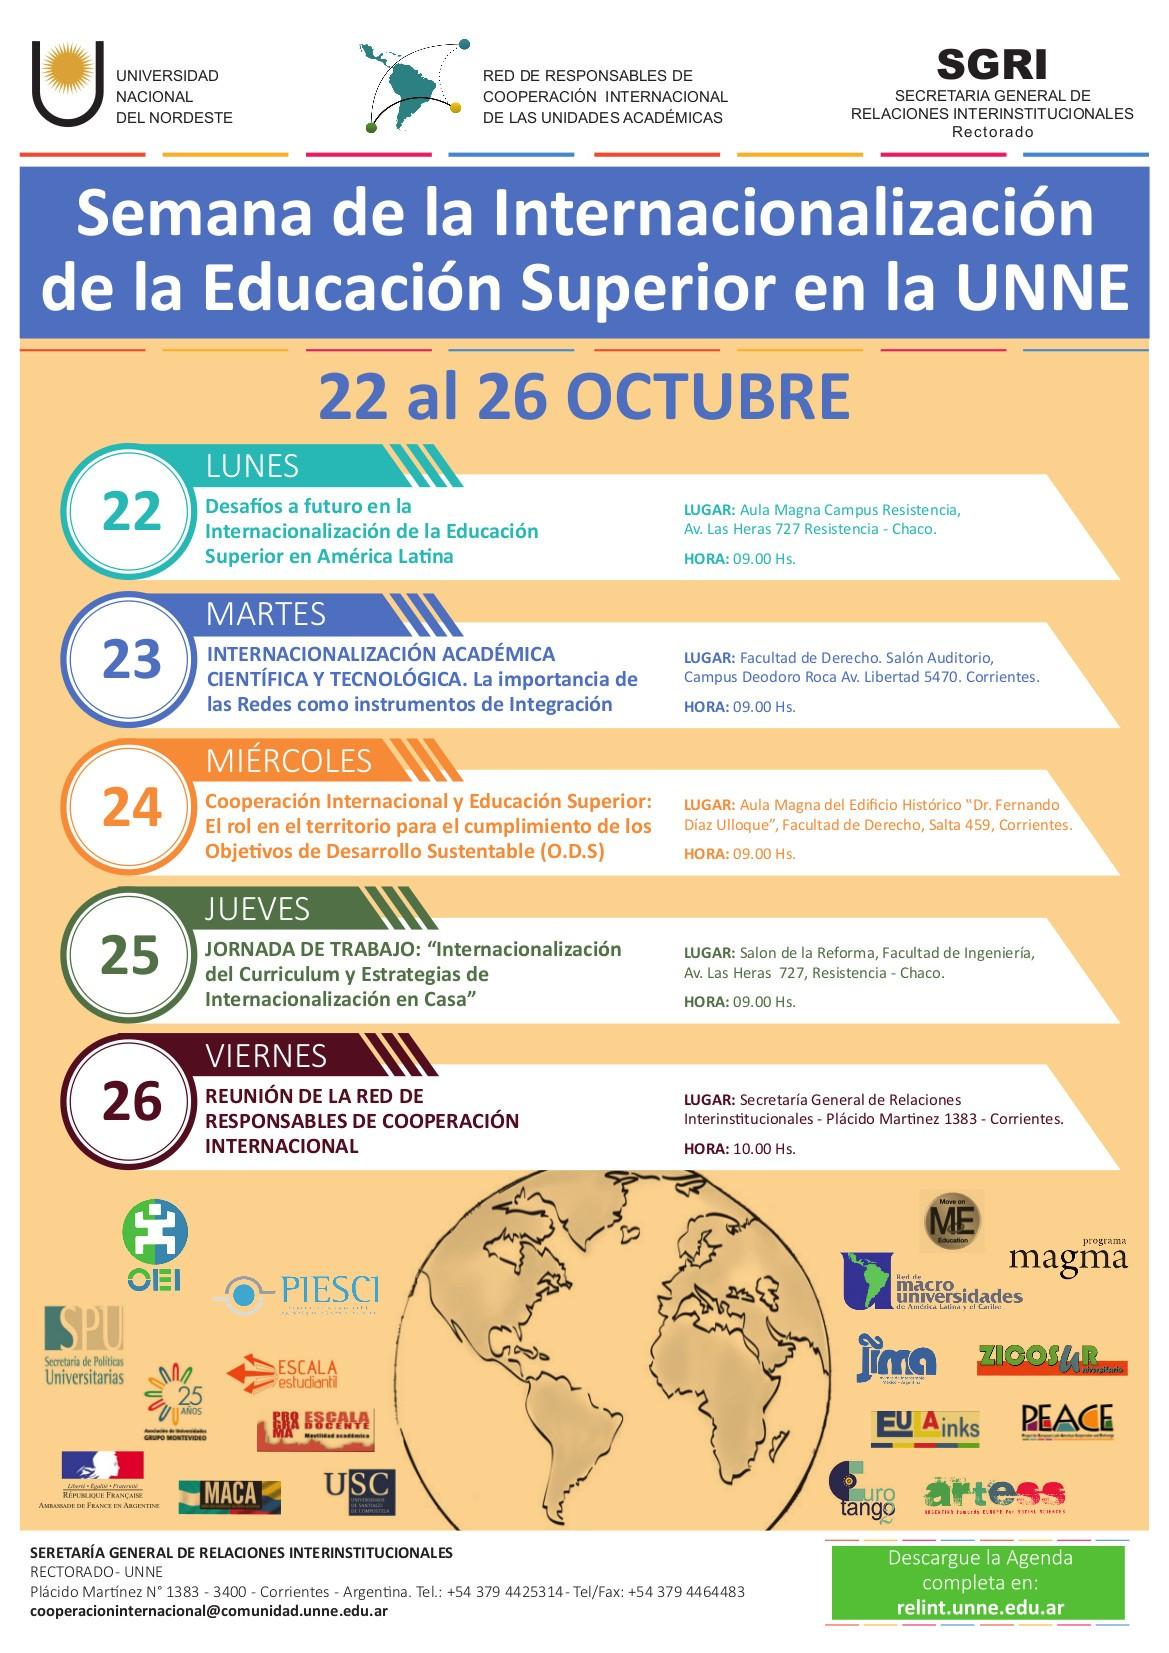 La Semana de la Internacionalizaci³n de la Educaci³n Superior en la Universidad Nacional del Nordeste tendrá lugar del 22 al 26 de octubre de 2018